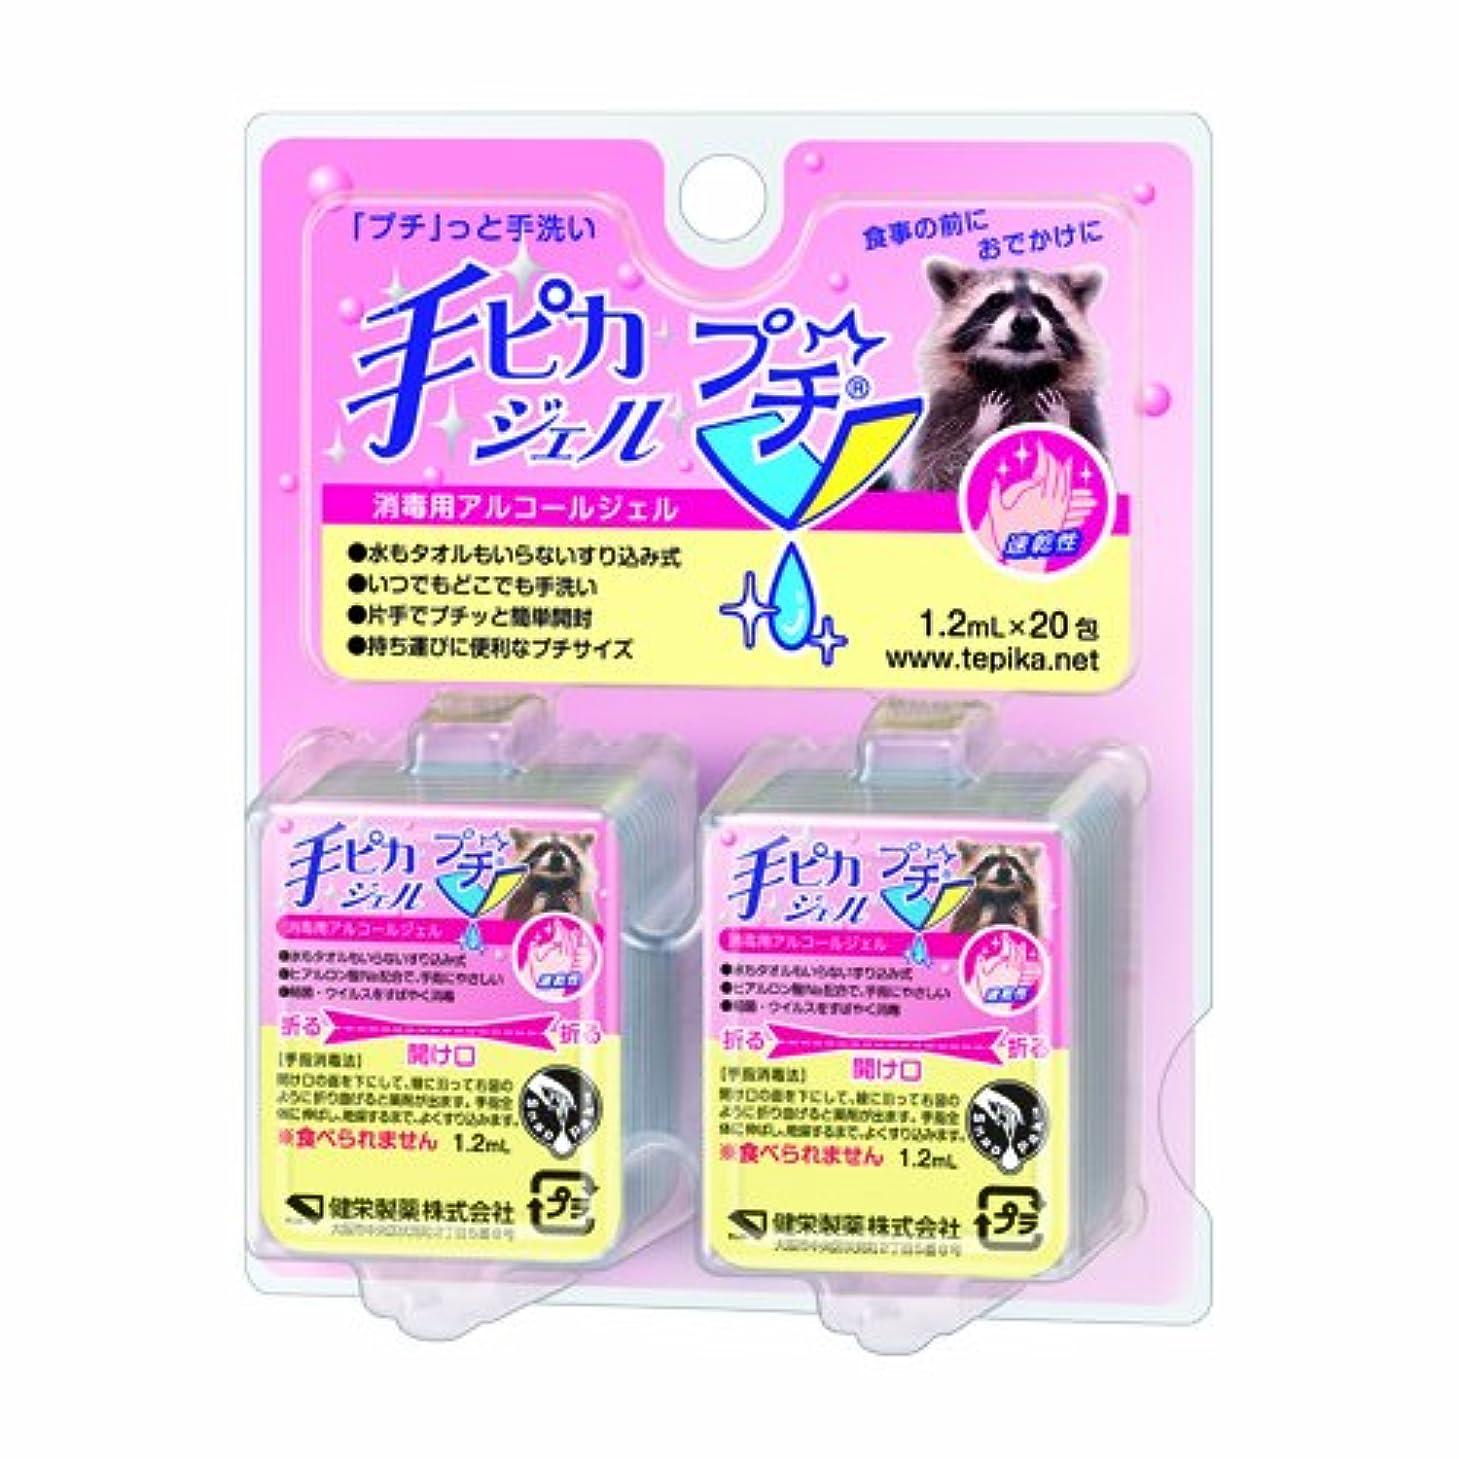 断線藤色半球【指定医薬部外品】手ピカジェルプチ 1.2ml×20包(携帯用)